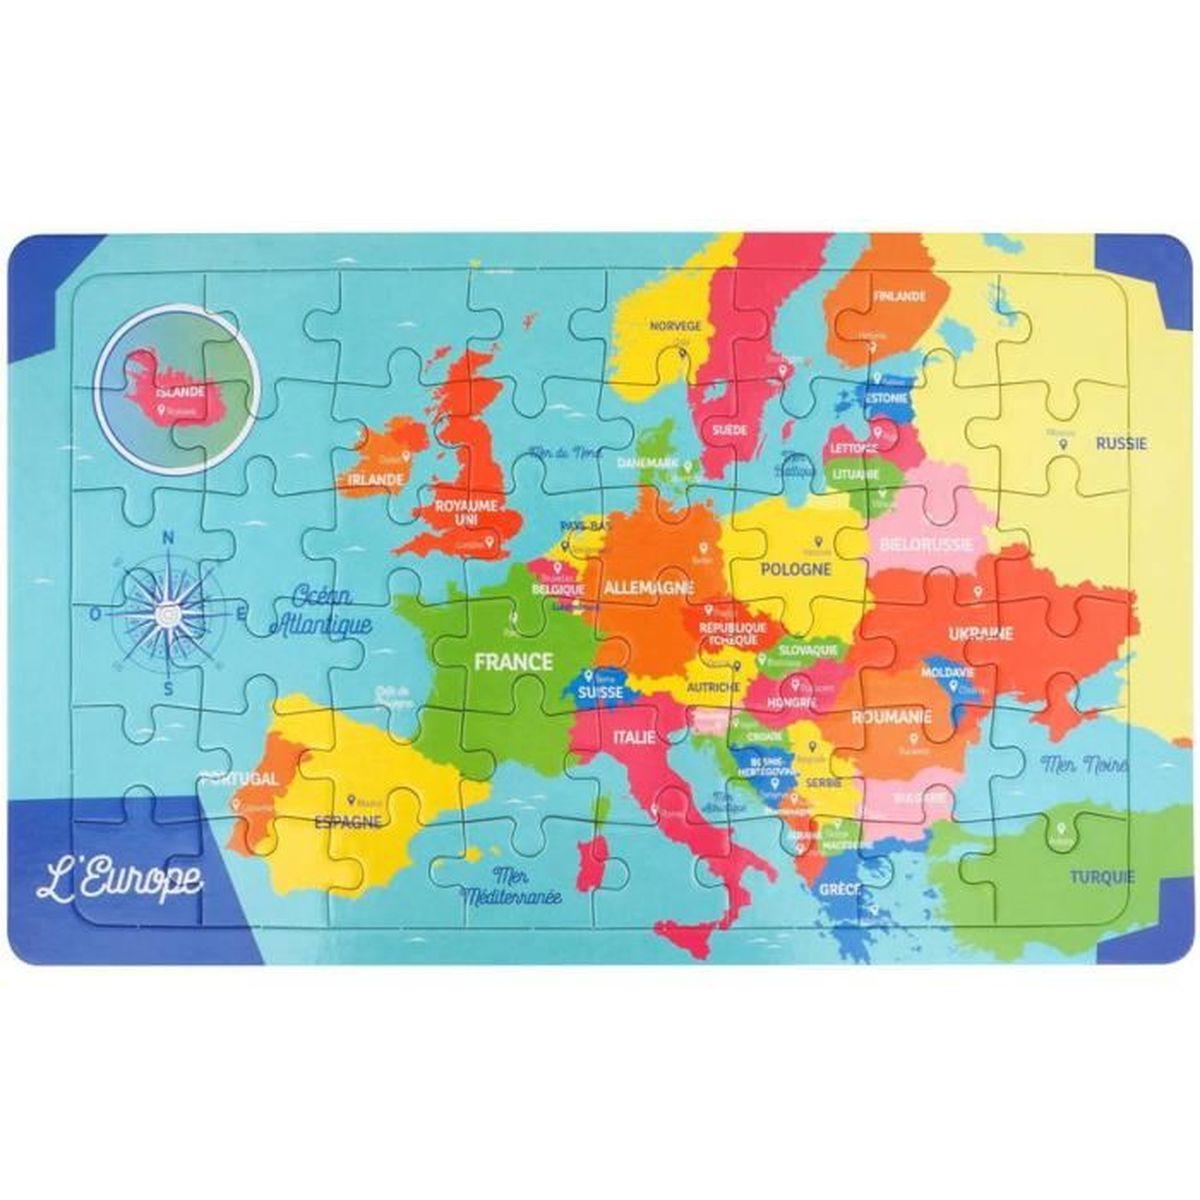 Carte De Ieurope.Puzzle Cadre 48 Pieces 22x36cm Carte De L Europe Achat Vente